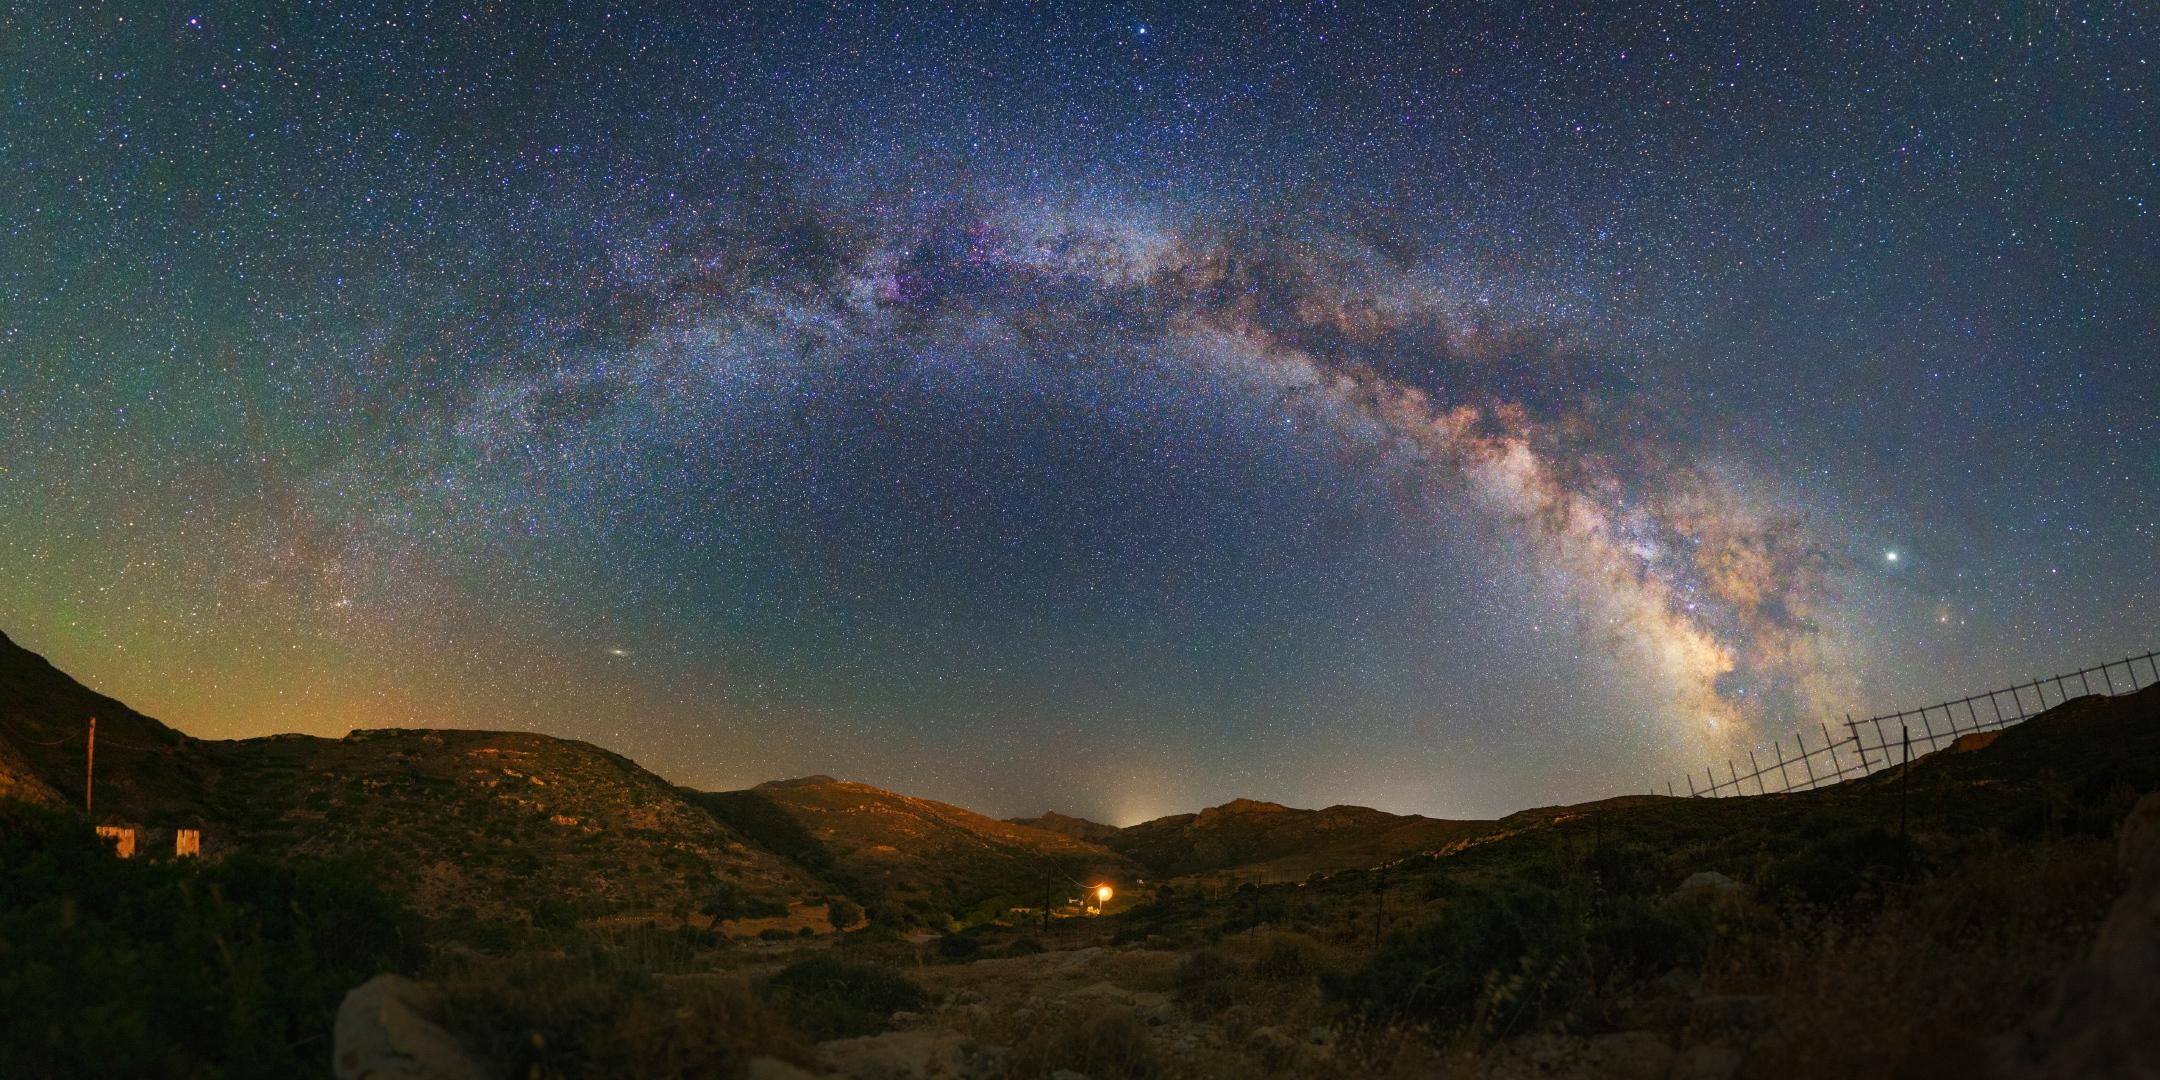 Voie Lactée grecque: Pano 180° 122643-1564841597